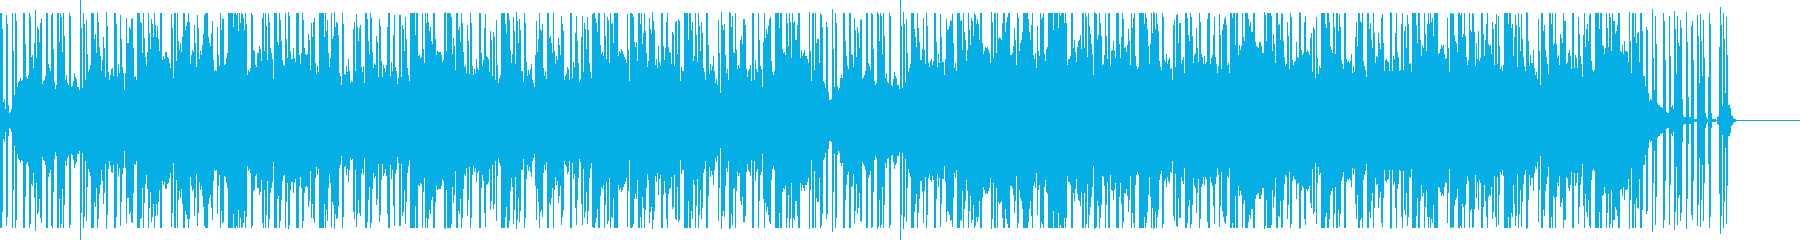 不気味・怪奇を思わせるホラーBGM Aの再生済みの波形